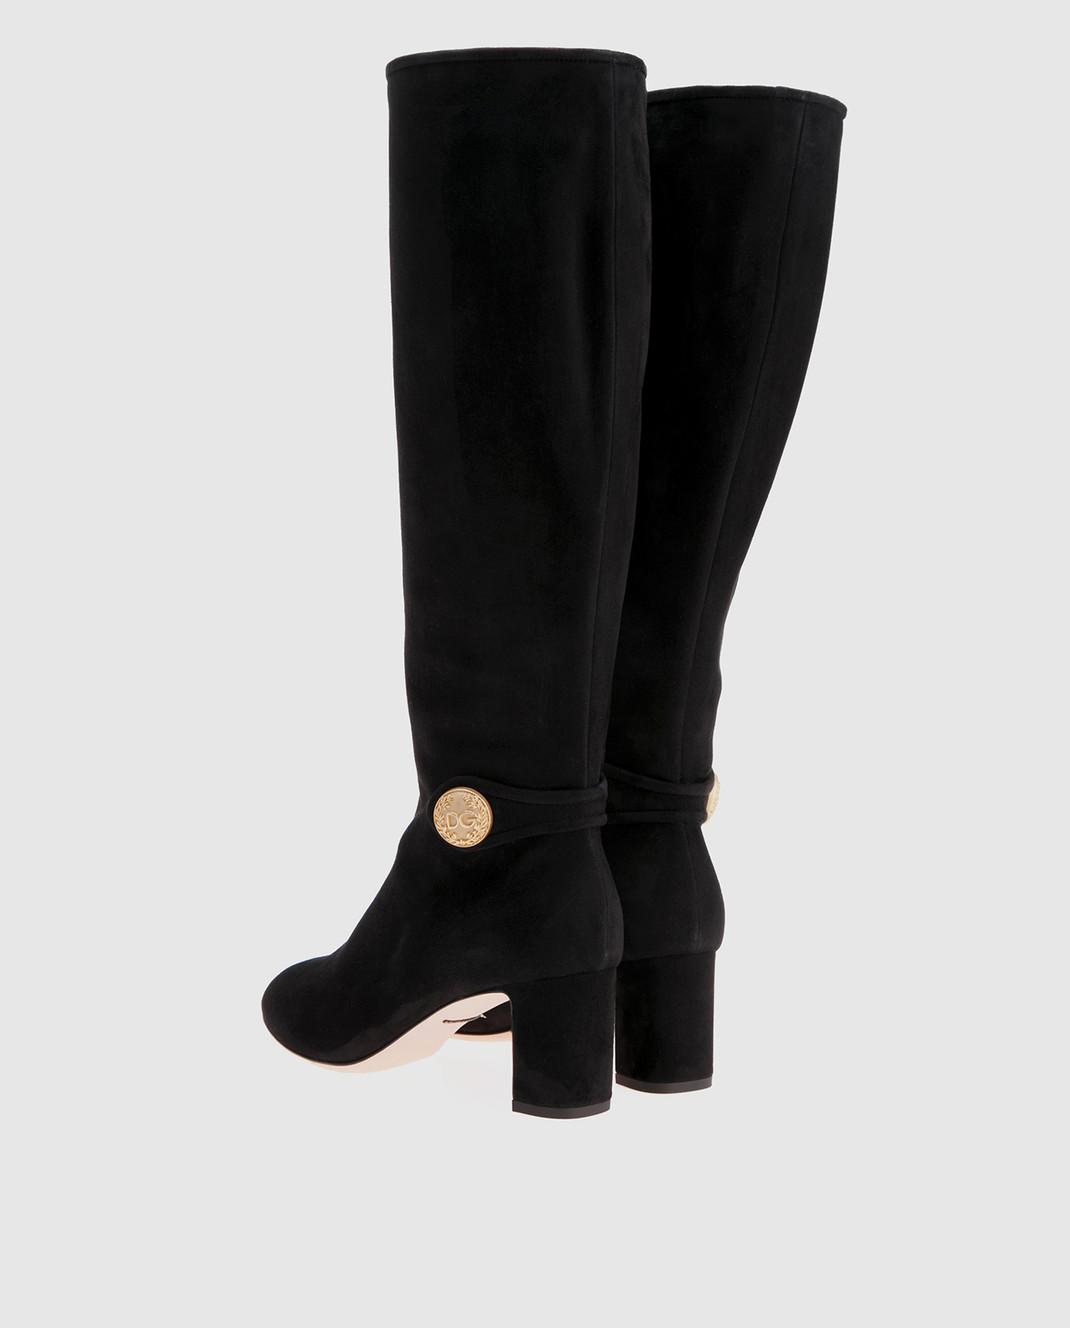 Dolce&Gabbana Черные замшевые сапоги CU0397A1275 изображение 3